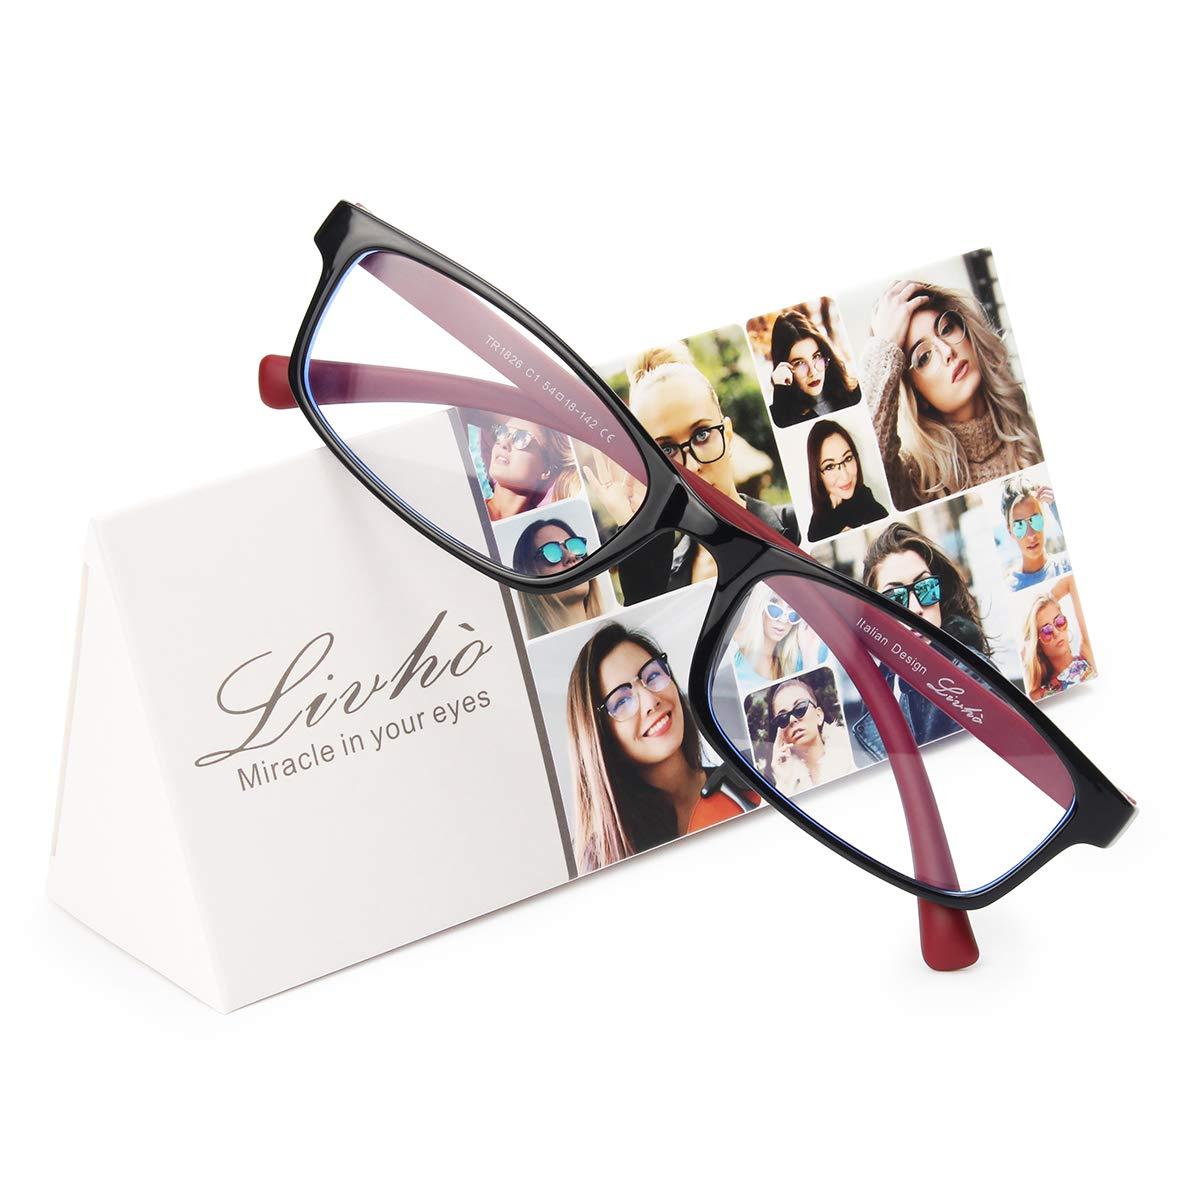 Livho Blue Light Blocking Glasses,Computer Reading Glasses for Women Men,Anti Glare Eye Strain Light Weight TR90 Frame Eyeglasses(+0.0 | No Magnification,LI1826-01) by livho